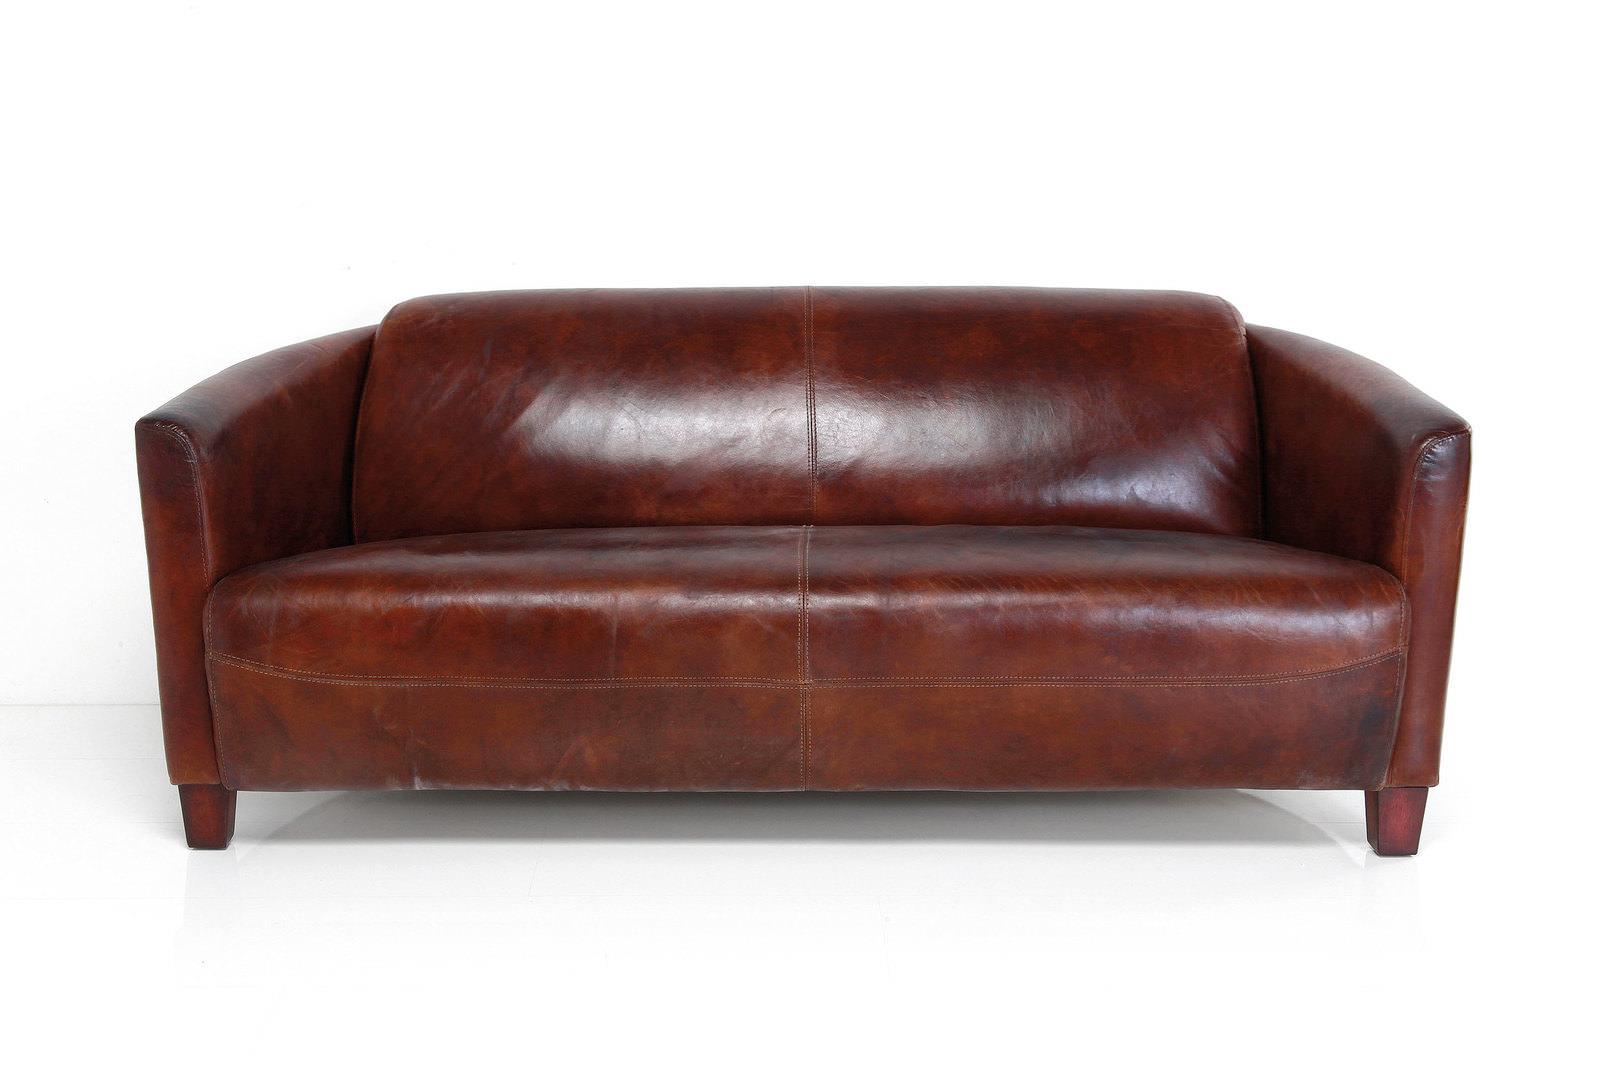 kare sofa online entdecken schaffrath ihr m belhaus. Black Bedroom Furniture Sets. Home Design Ideas